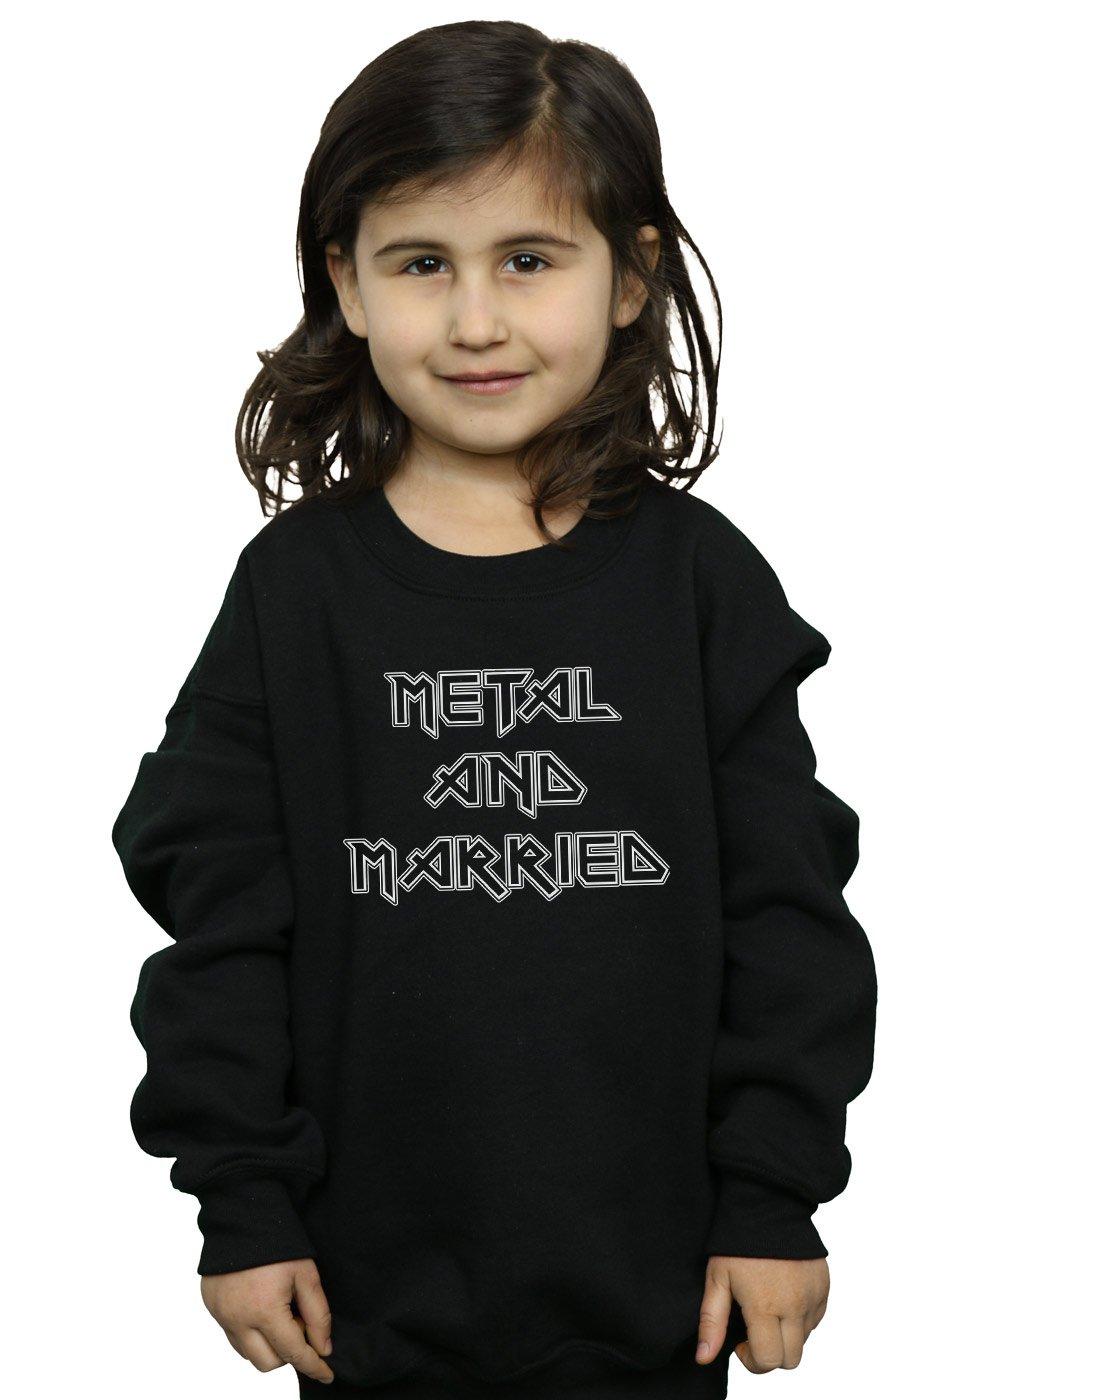 Absolute Cult Drewbacca Girls Metal and Married Mono Sweatshirt Black 9-11 Years